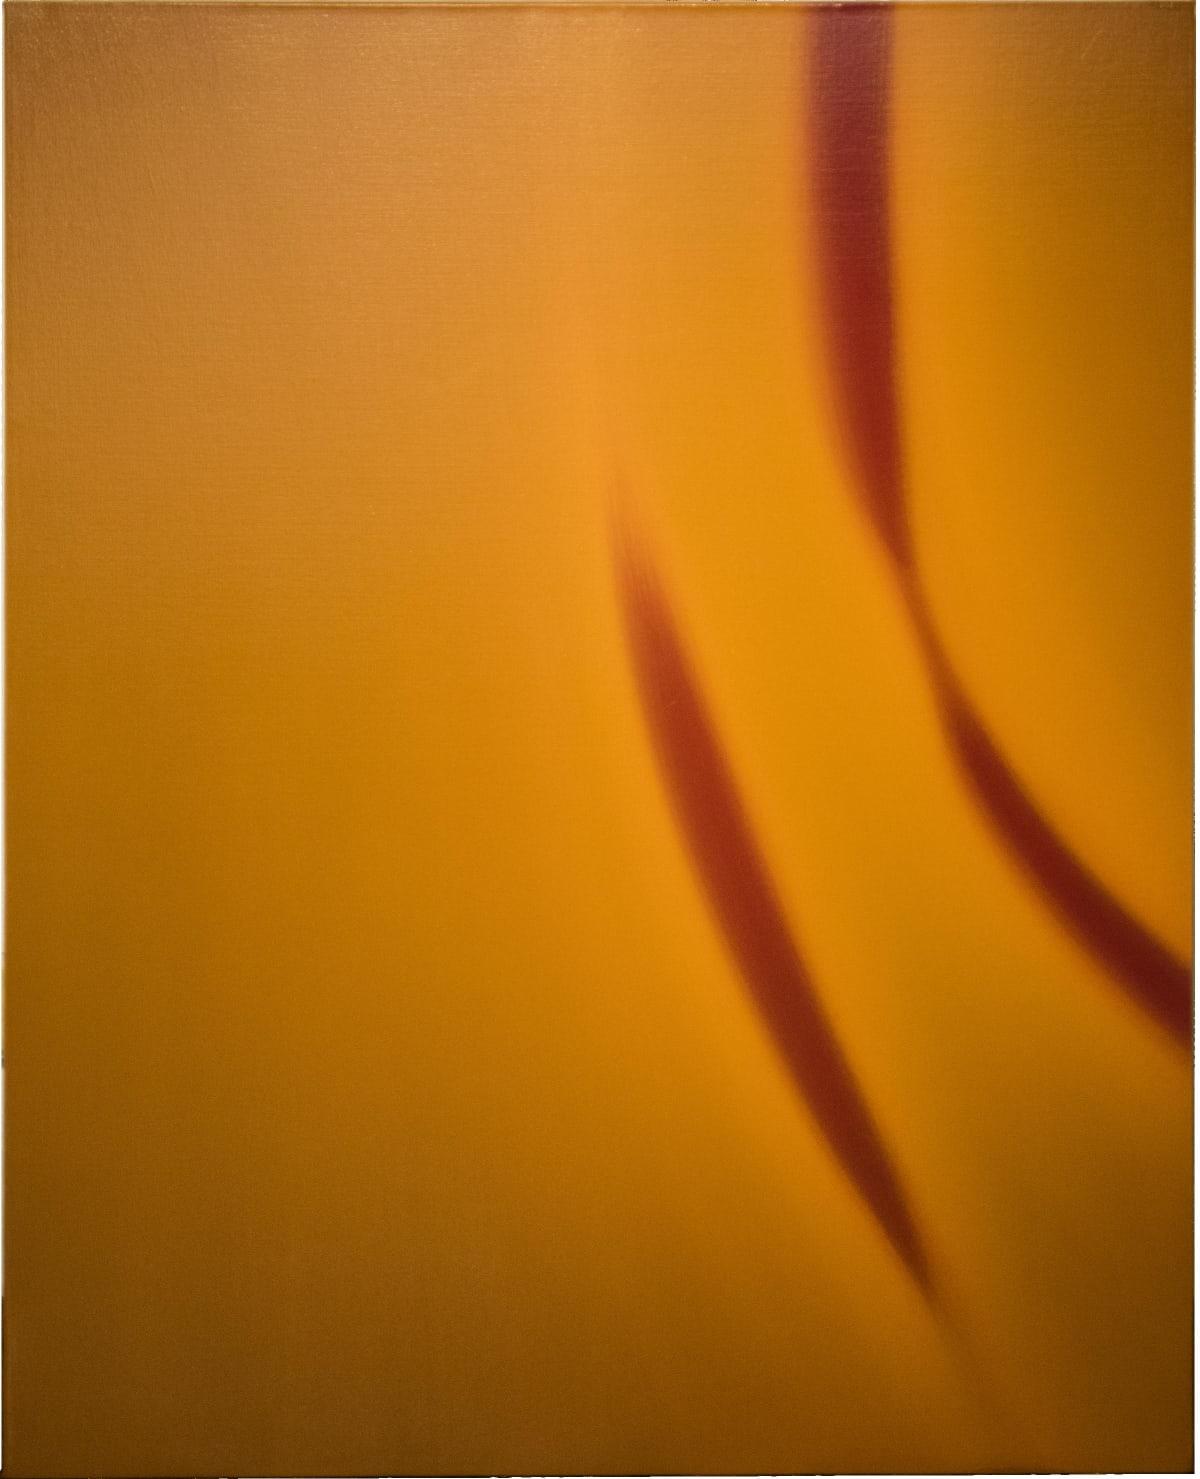 Kumari Nahappan, Nine-O-Fourteen (A), 2001